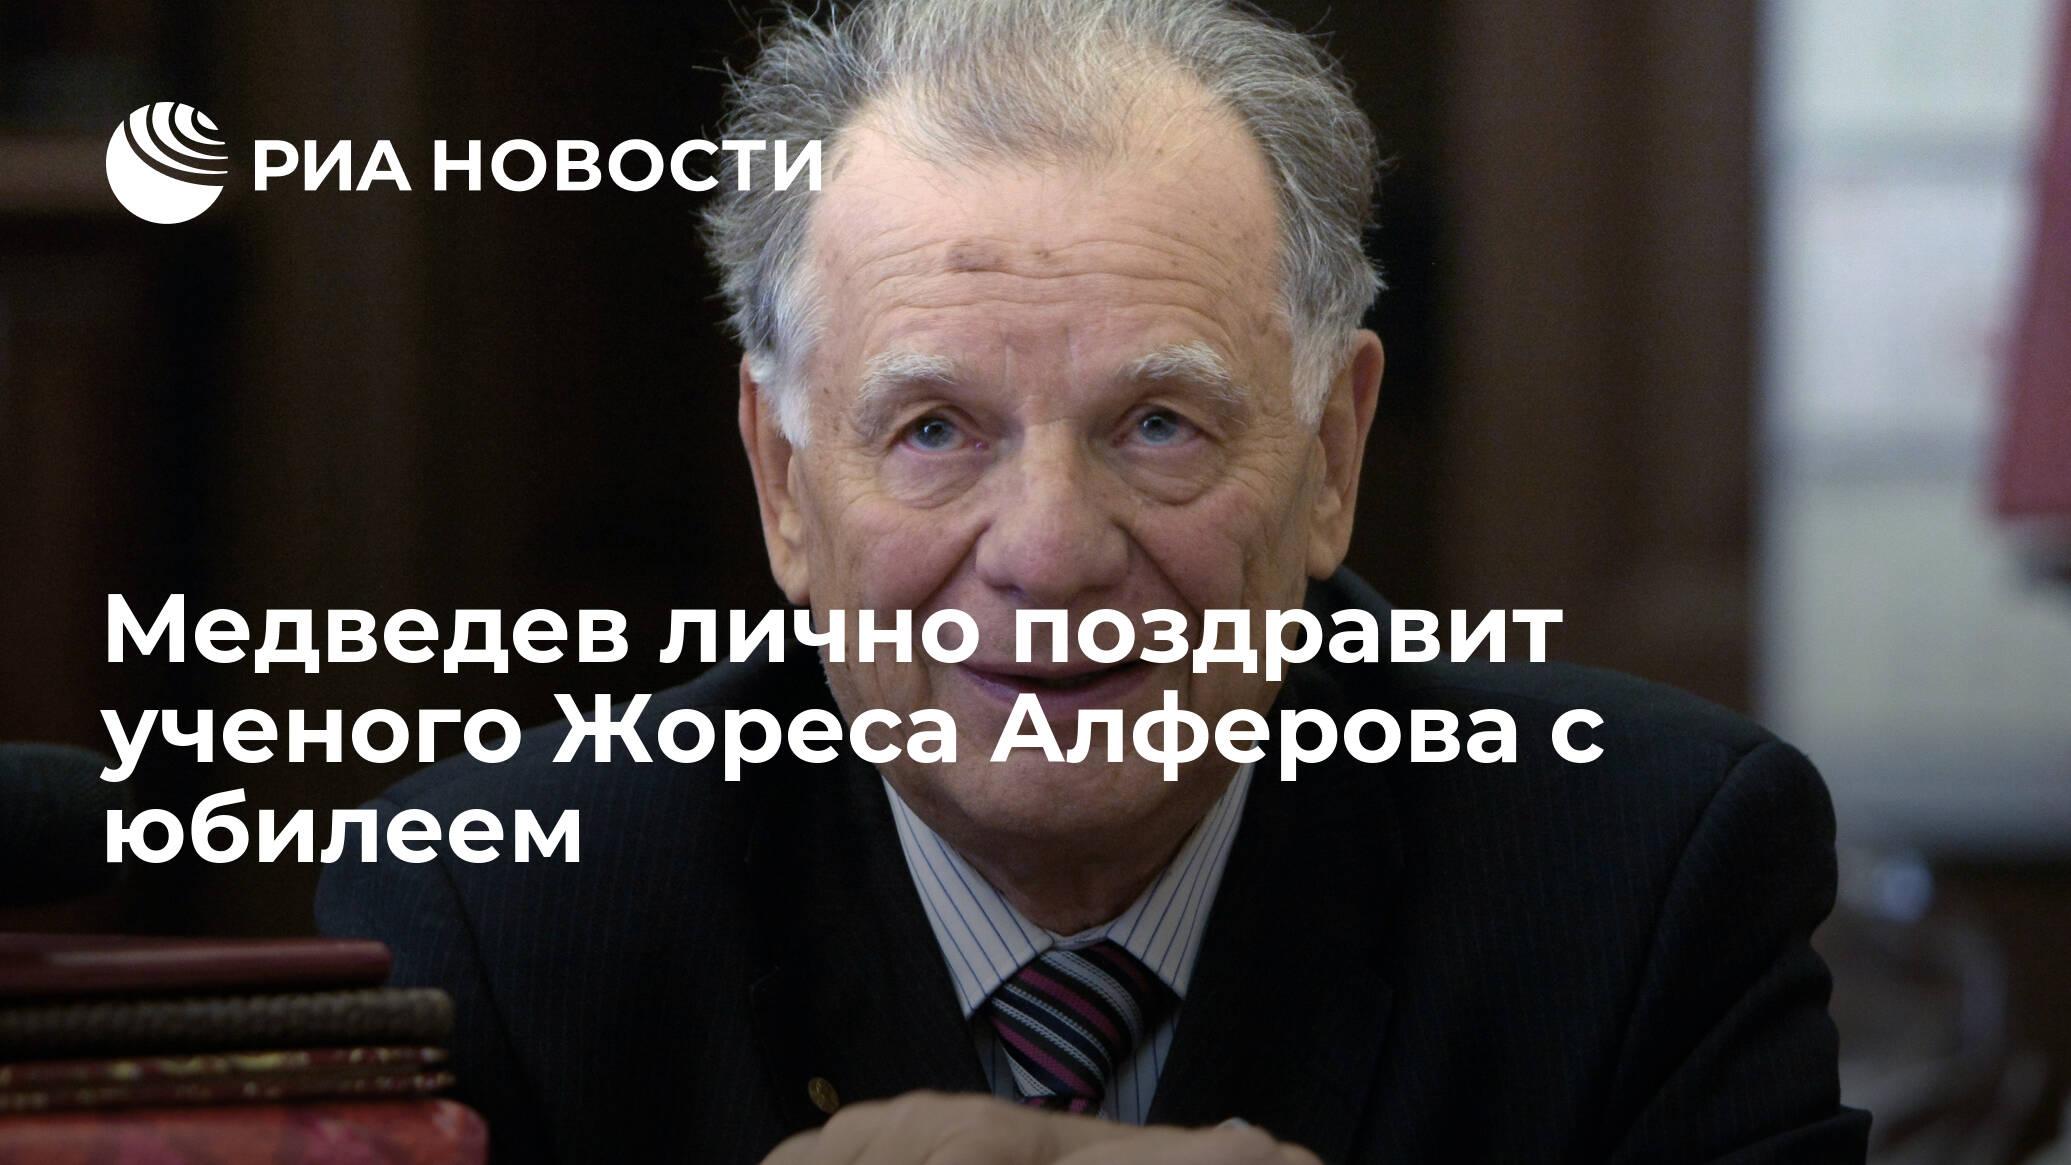 тысячи лет поздравление жоресу алферову скоро над київськими